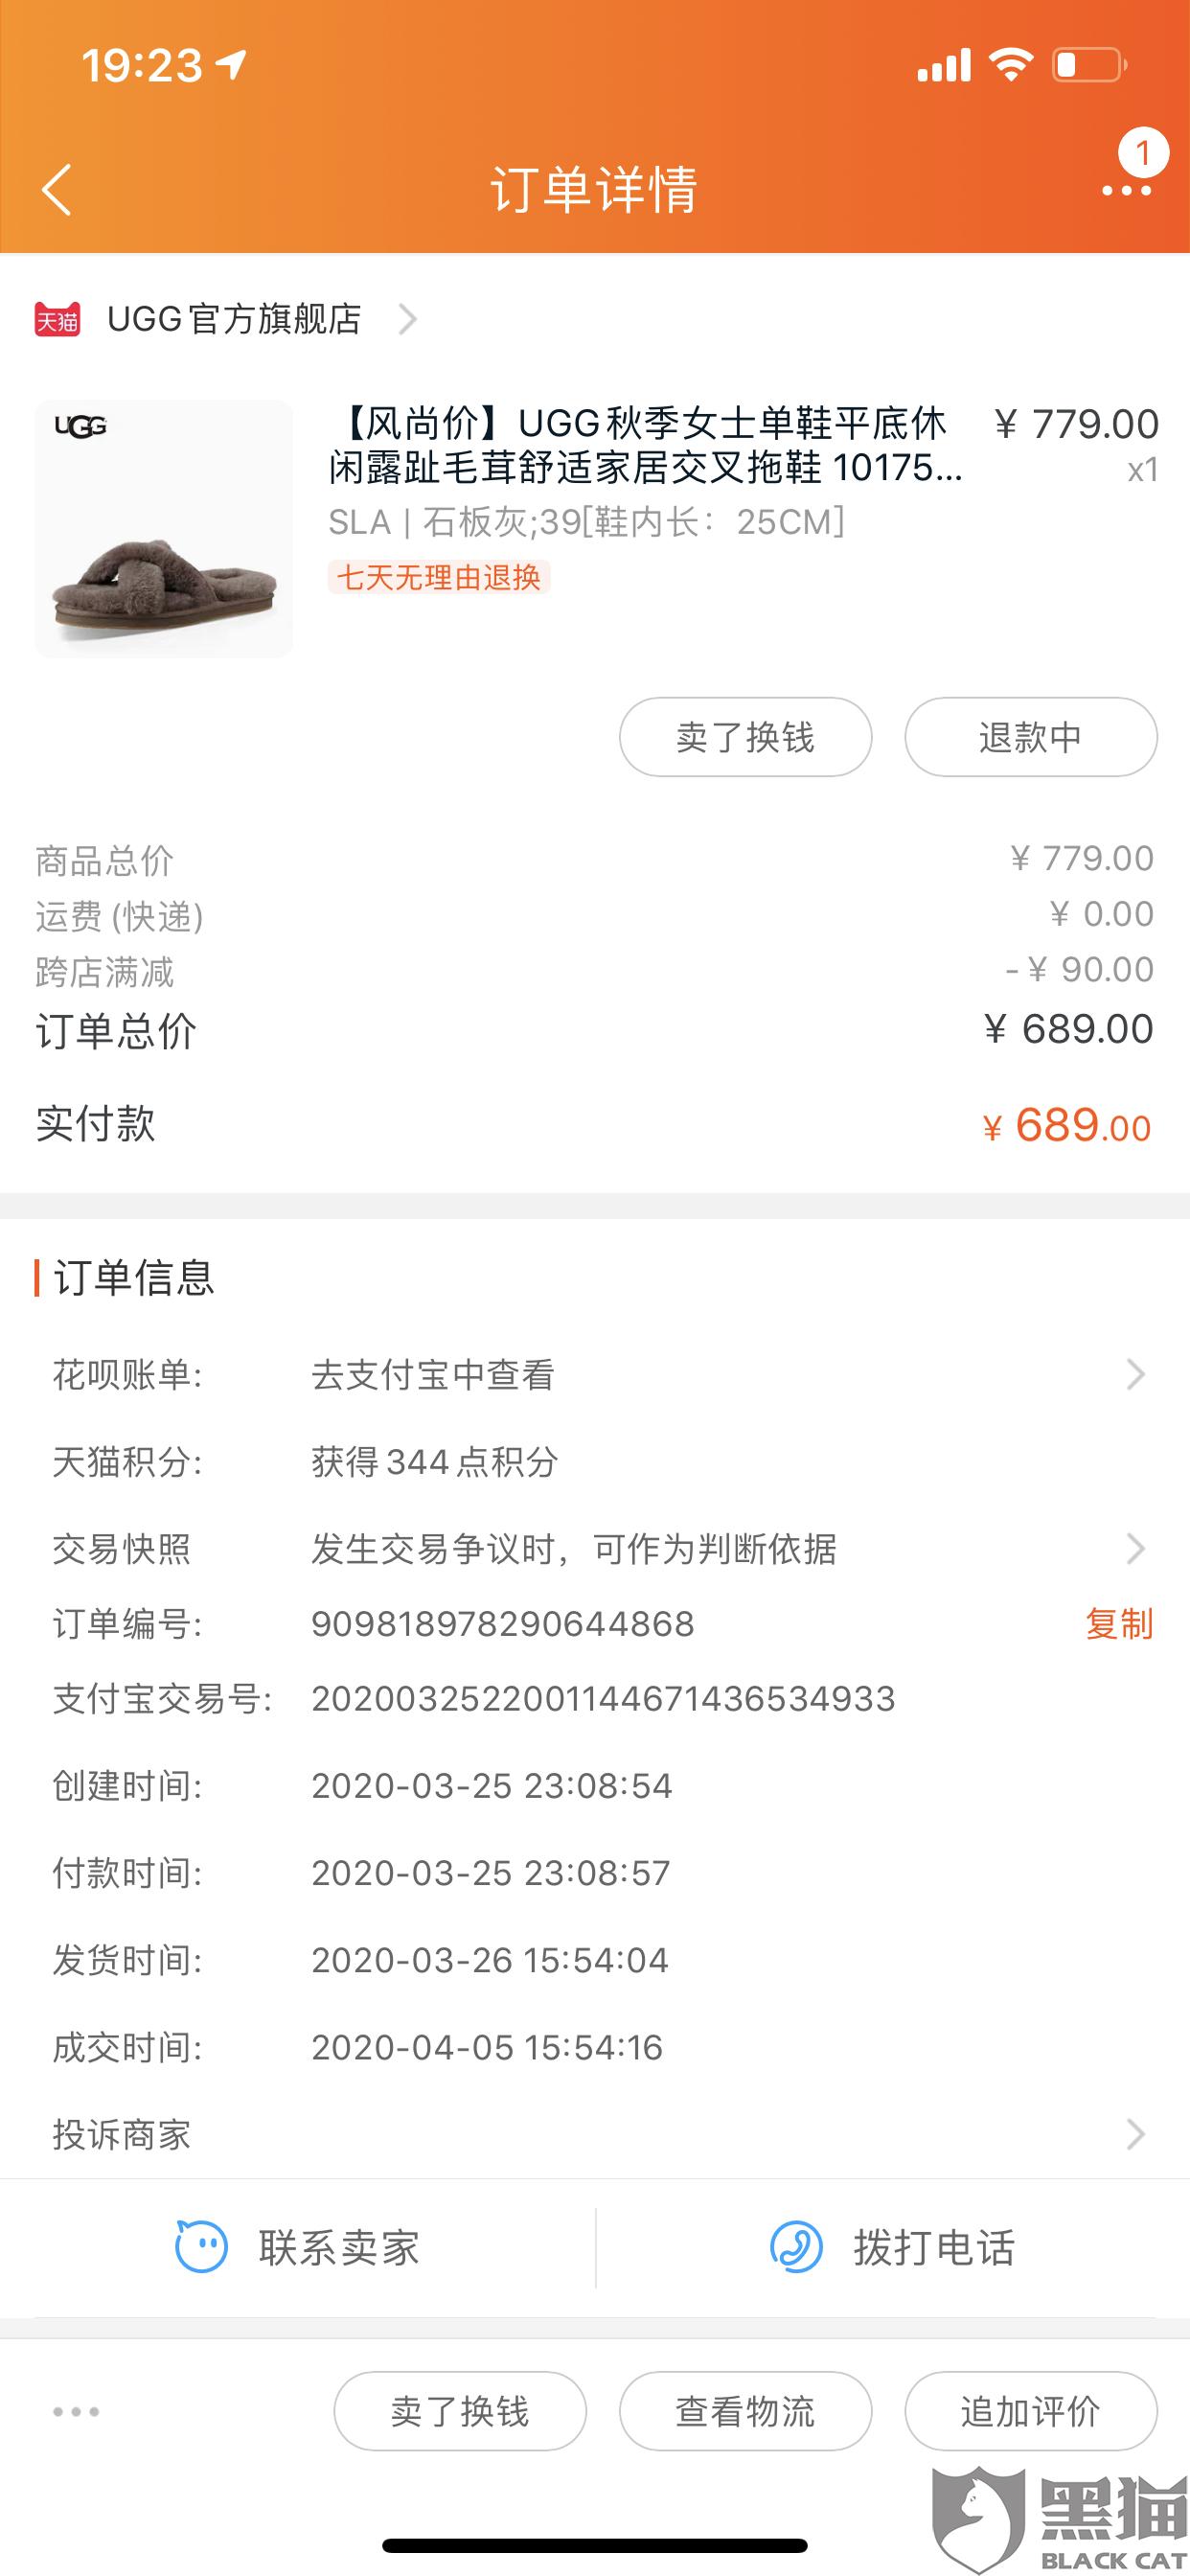 黑猫投诉:天猫UGG旗舰店卖假货